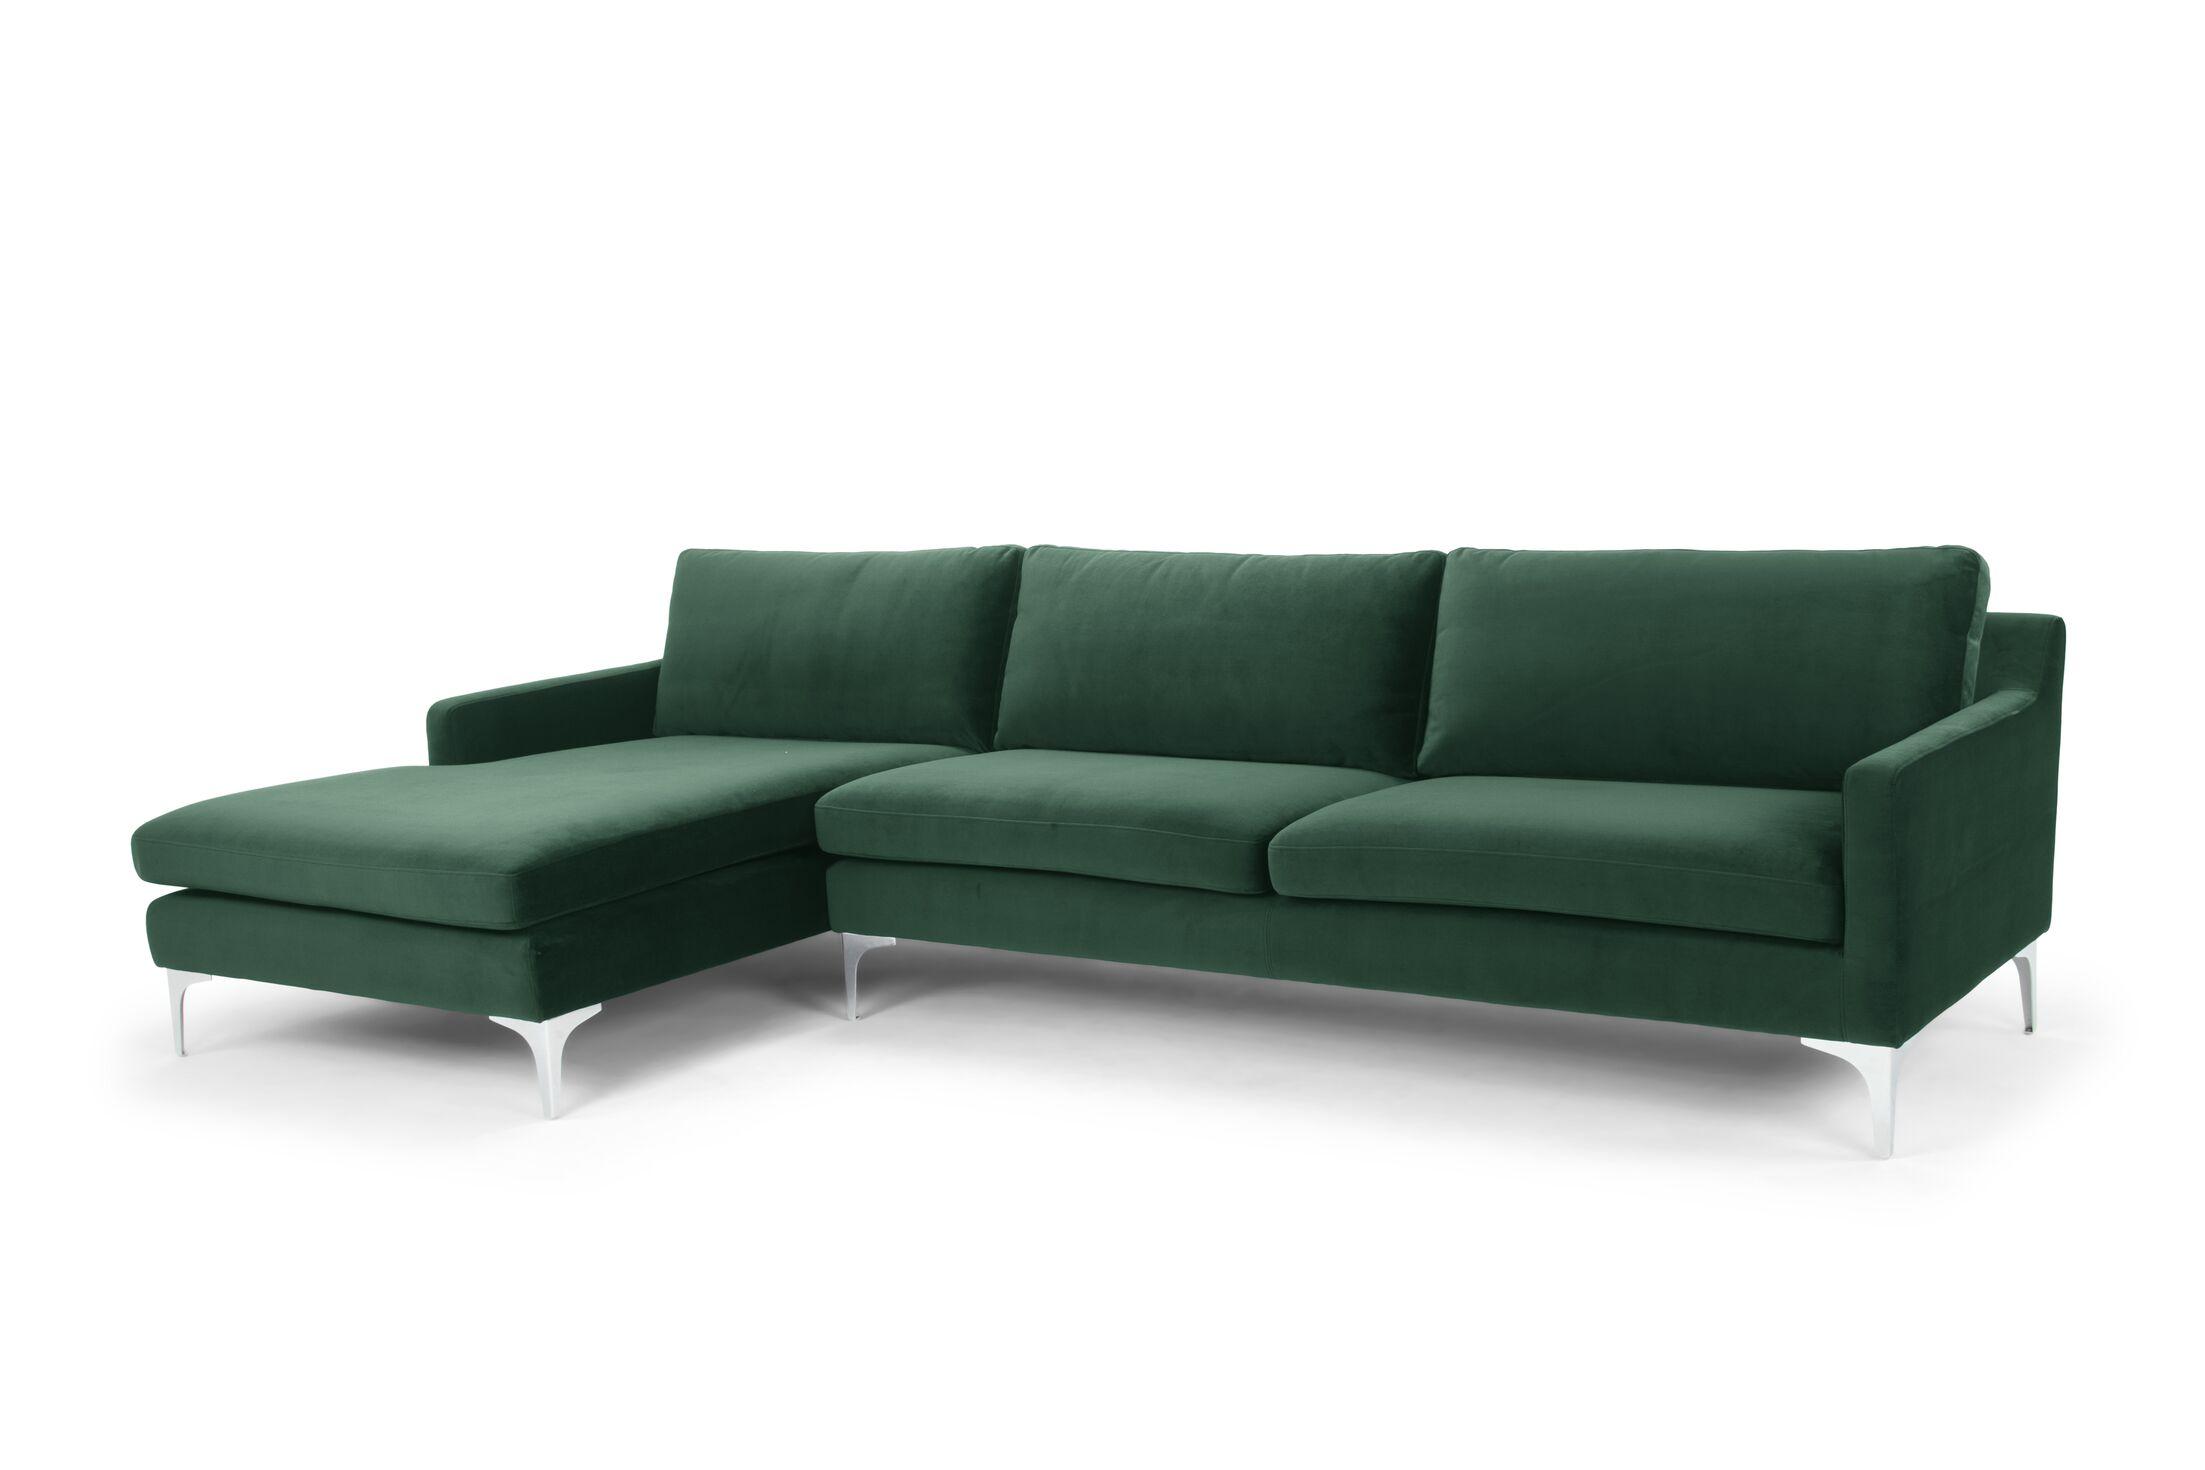 Bridgeton Sectional Orientation: Left Hand Facing, Upholstery: Green Velvet